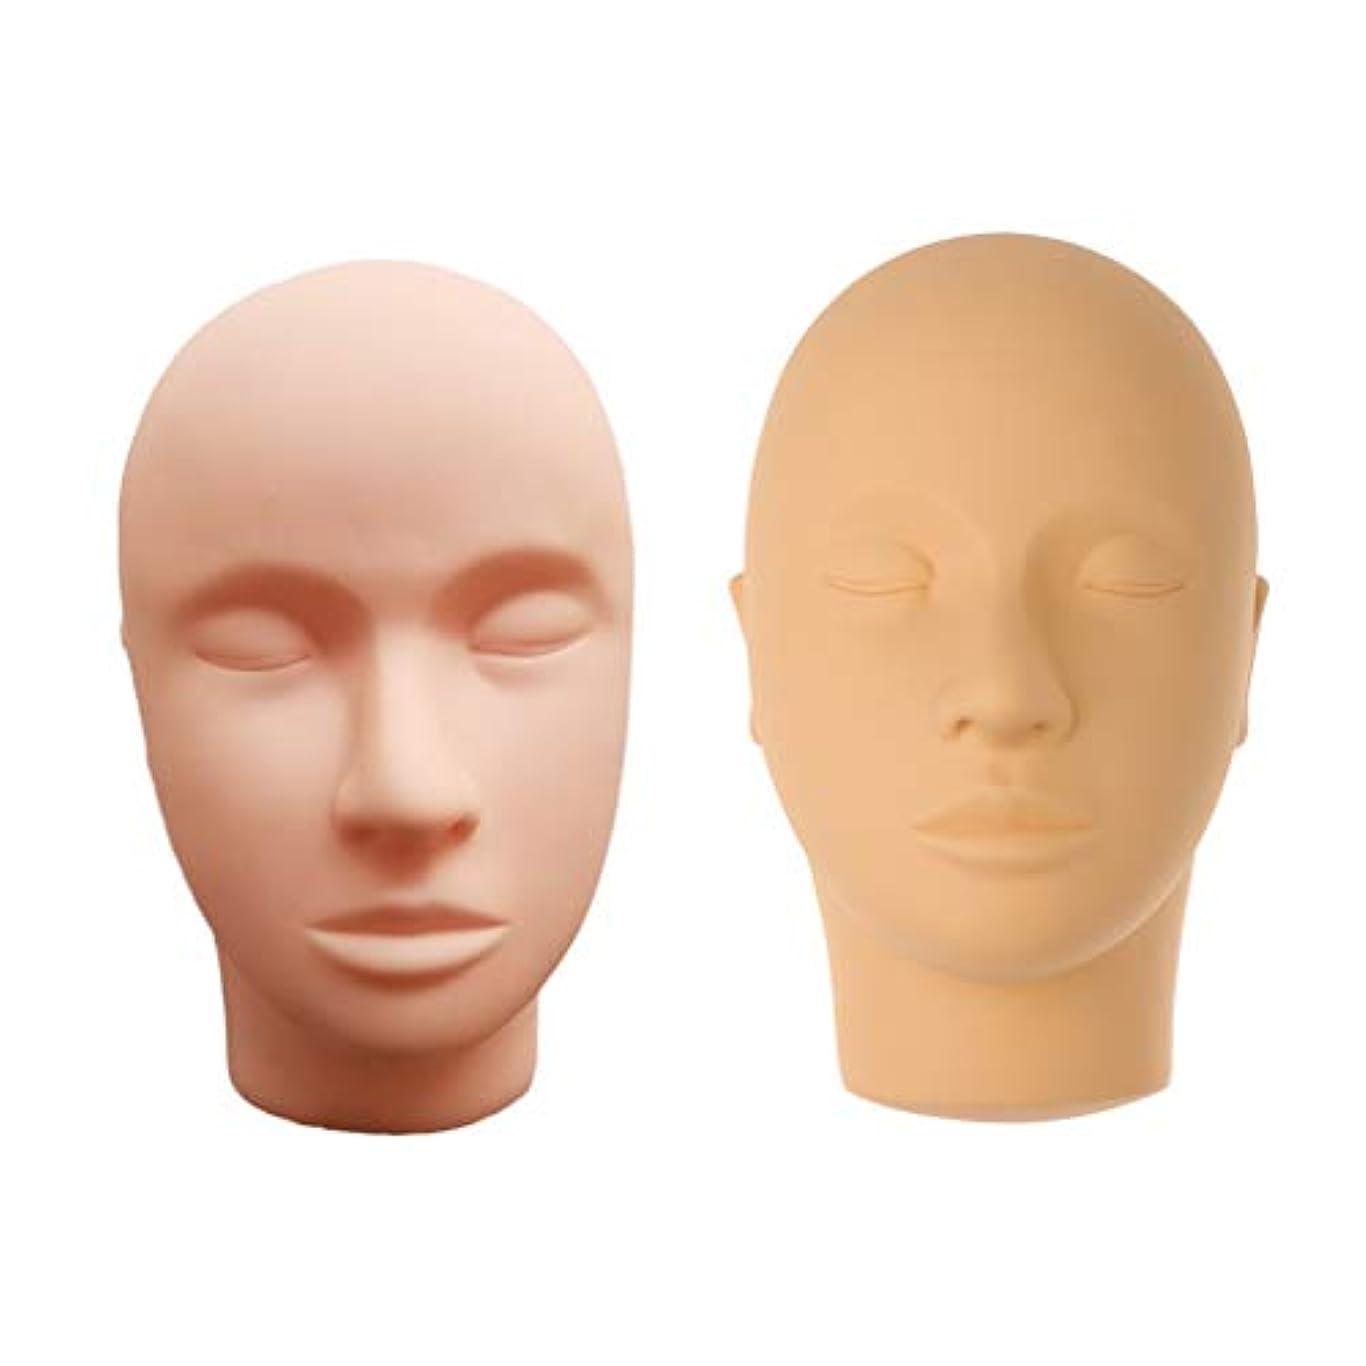 マンハッタン受け皿代数マネキンヘッド ディスプレイ 肌色 化粧練習 メイク マッサージ トレーニング 繰り返し利用